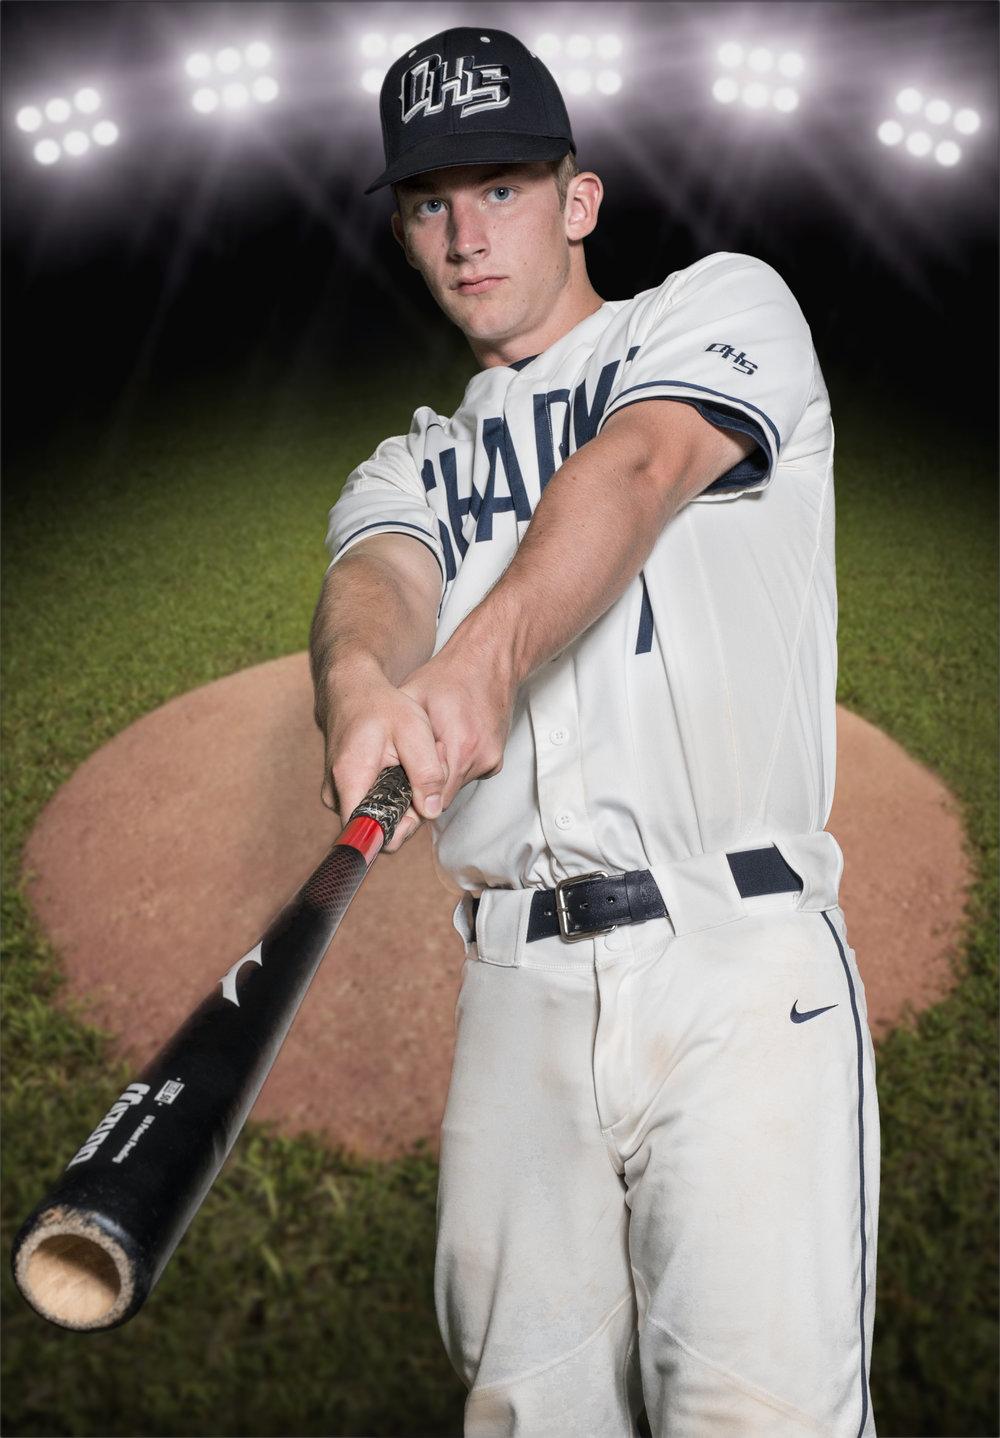 Peyton Baseball Diamond Collage.jpg